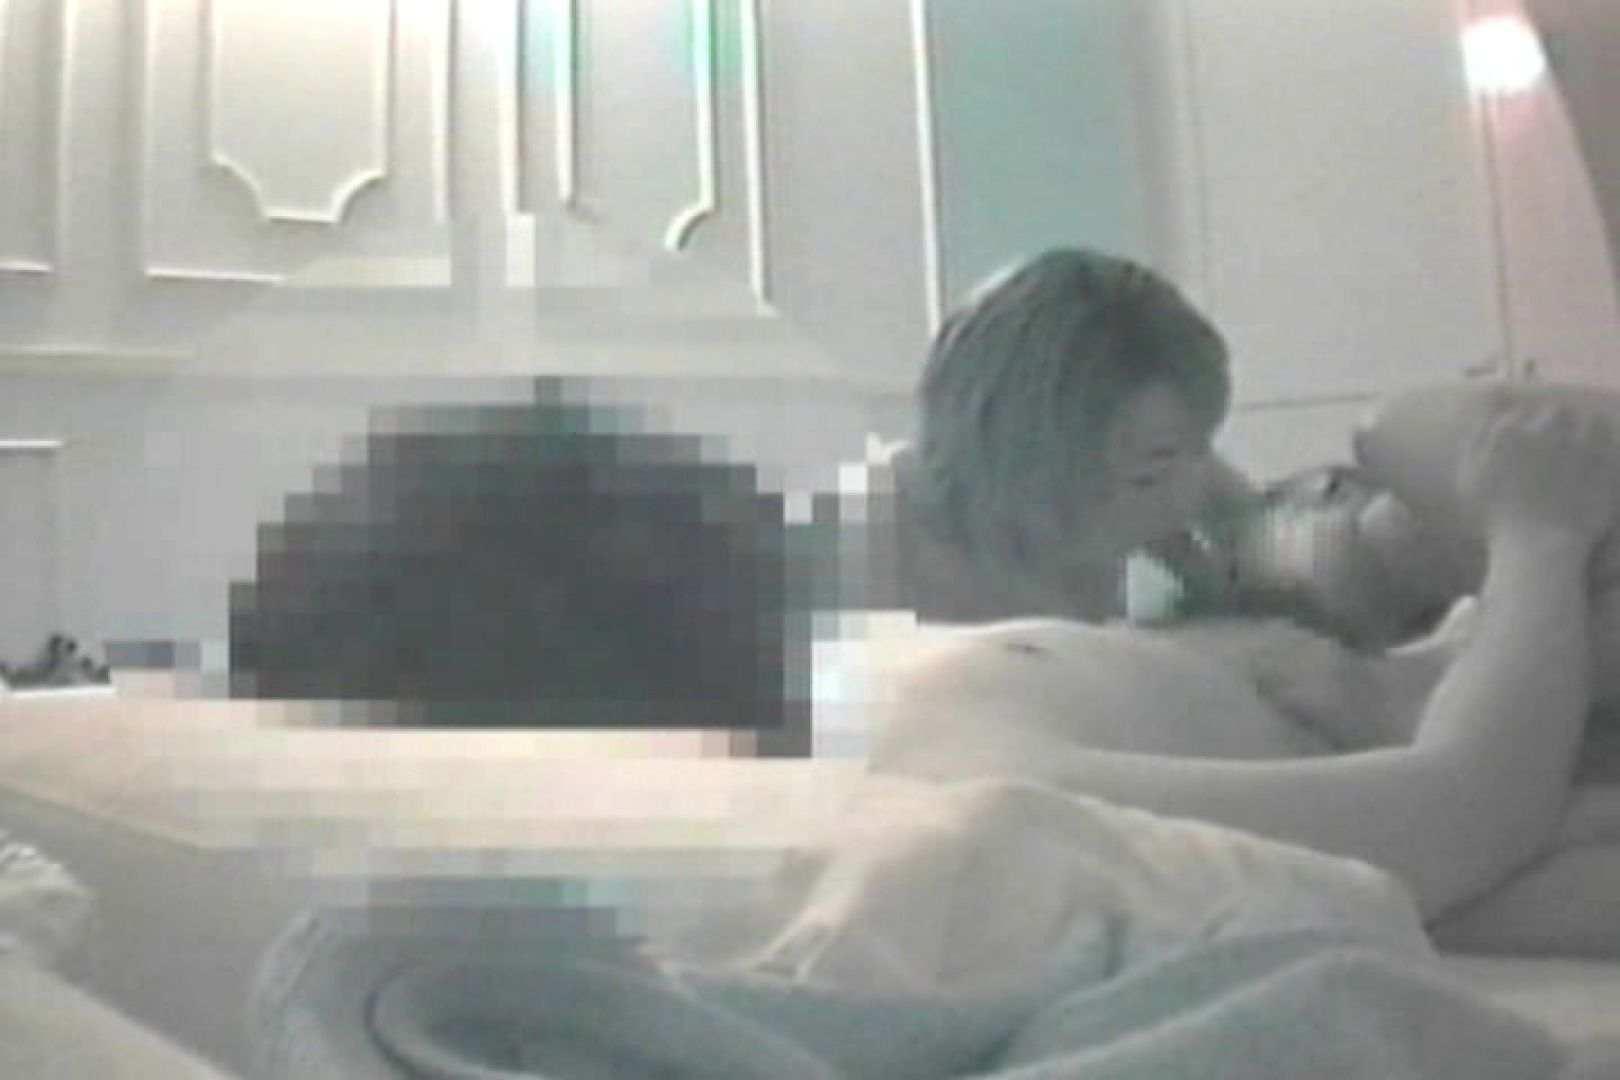 素人嬢をホテルに連れ込みアンナ事・コンナ事!?Vol.2 フェラ セックス画像 36枚